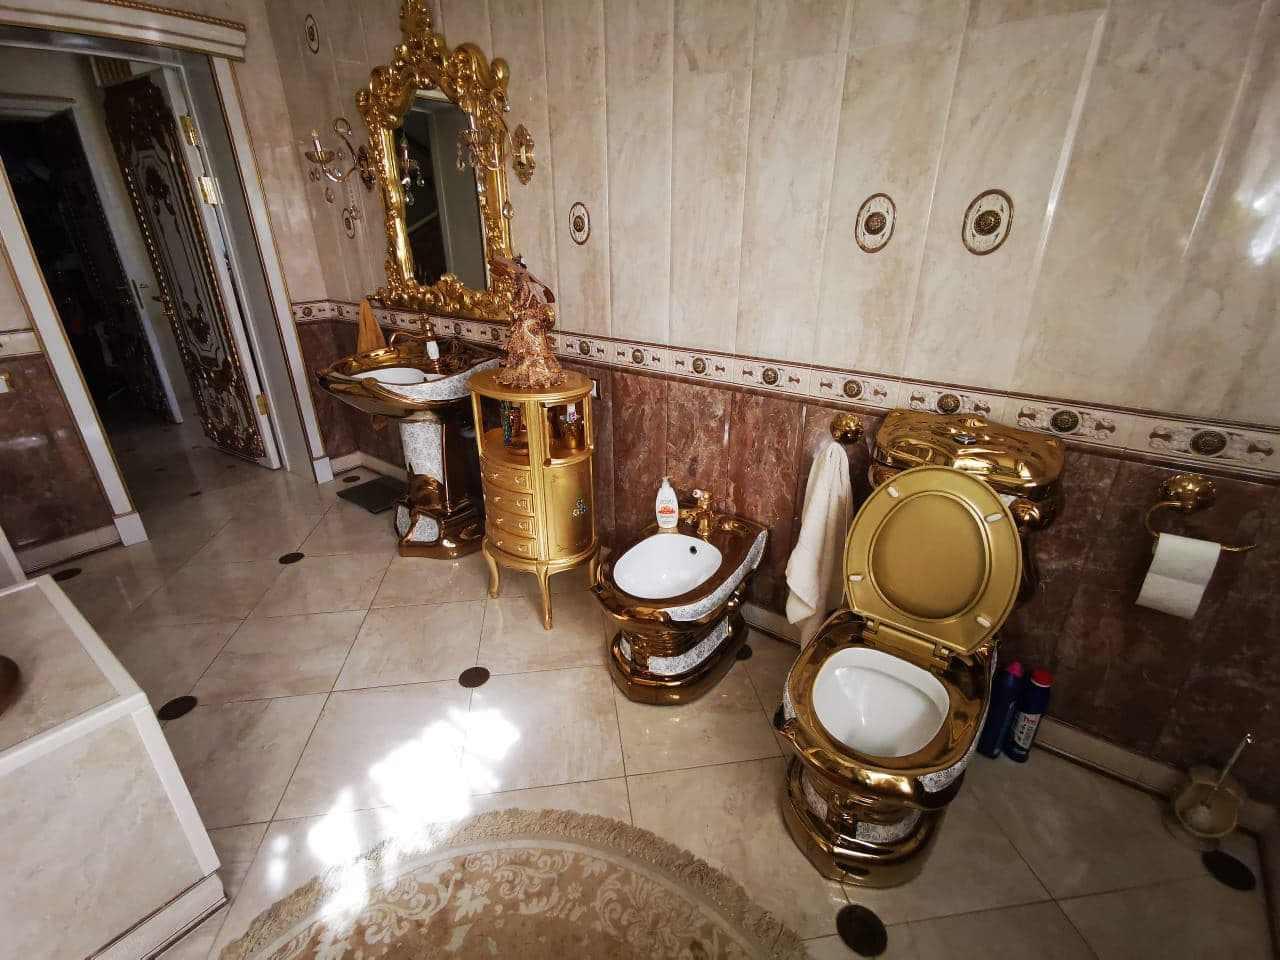 У главы ГИБДД Ставропольского края нашли особняк с золотым унитазом